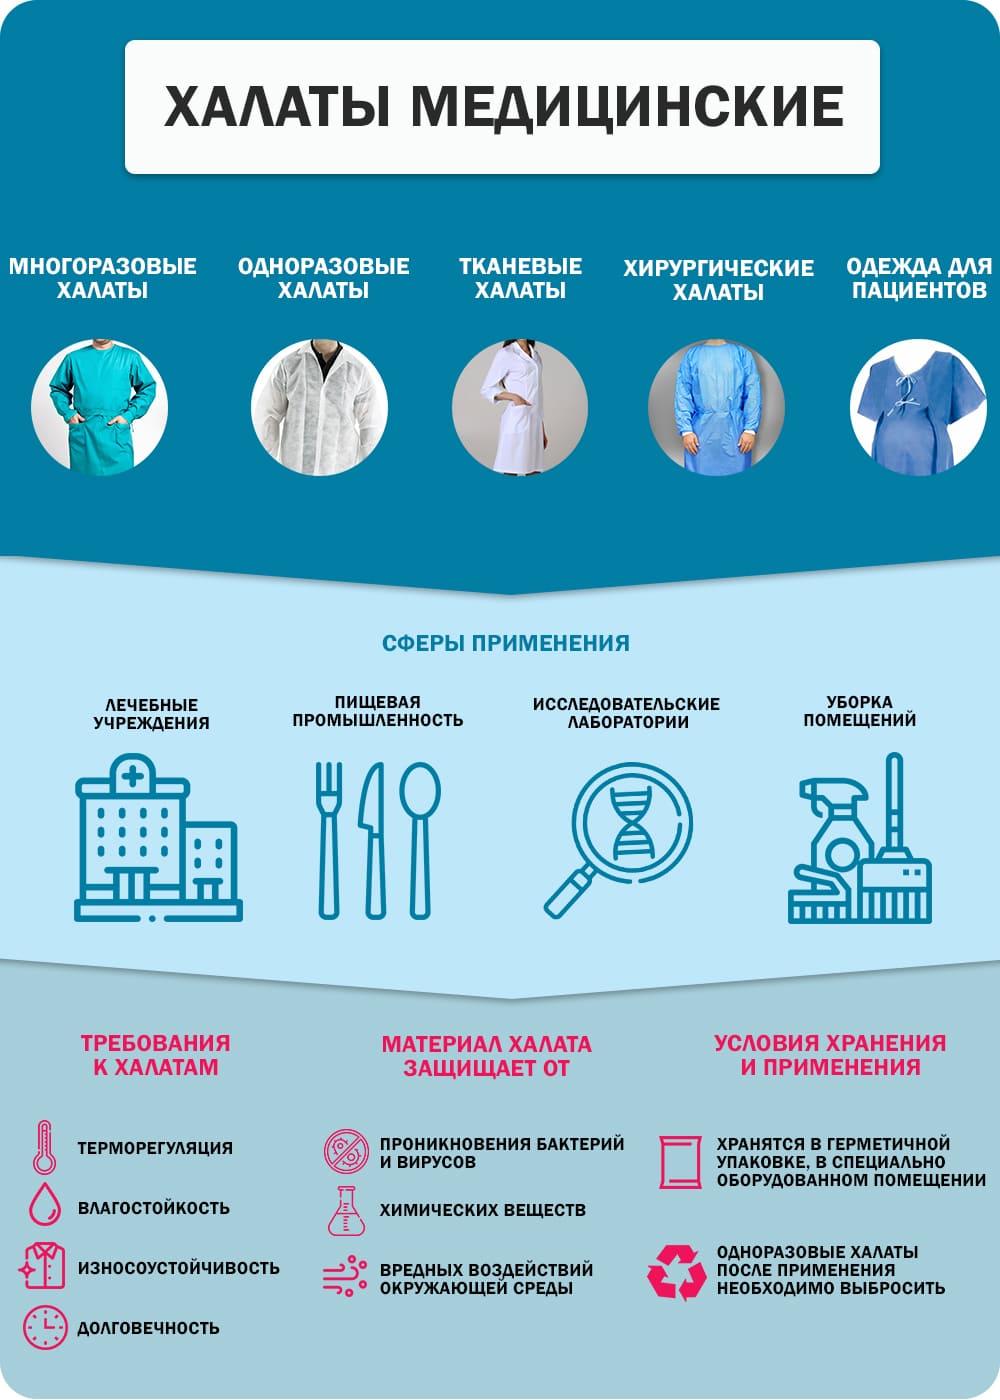 Халаты медицинские; многоразовые, одноразовые,  тканевые, хирургические. Требования к халатам, материалы из которых изготовлены, условия хранения и применения.